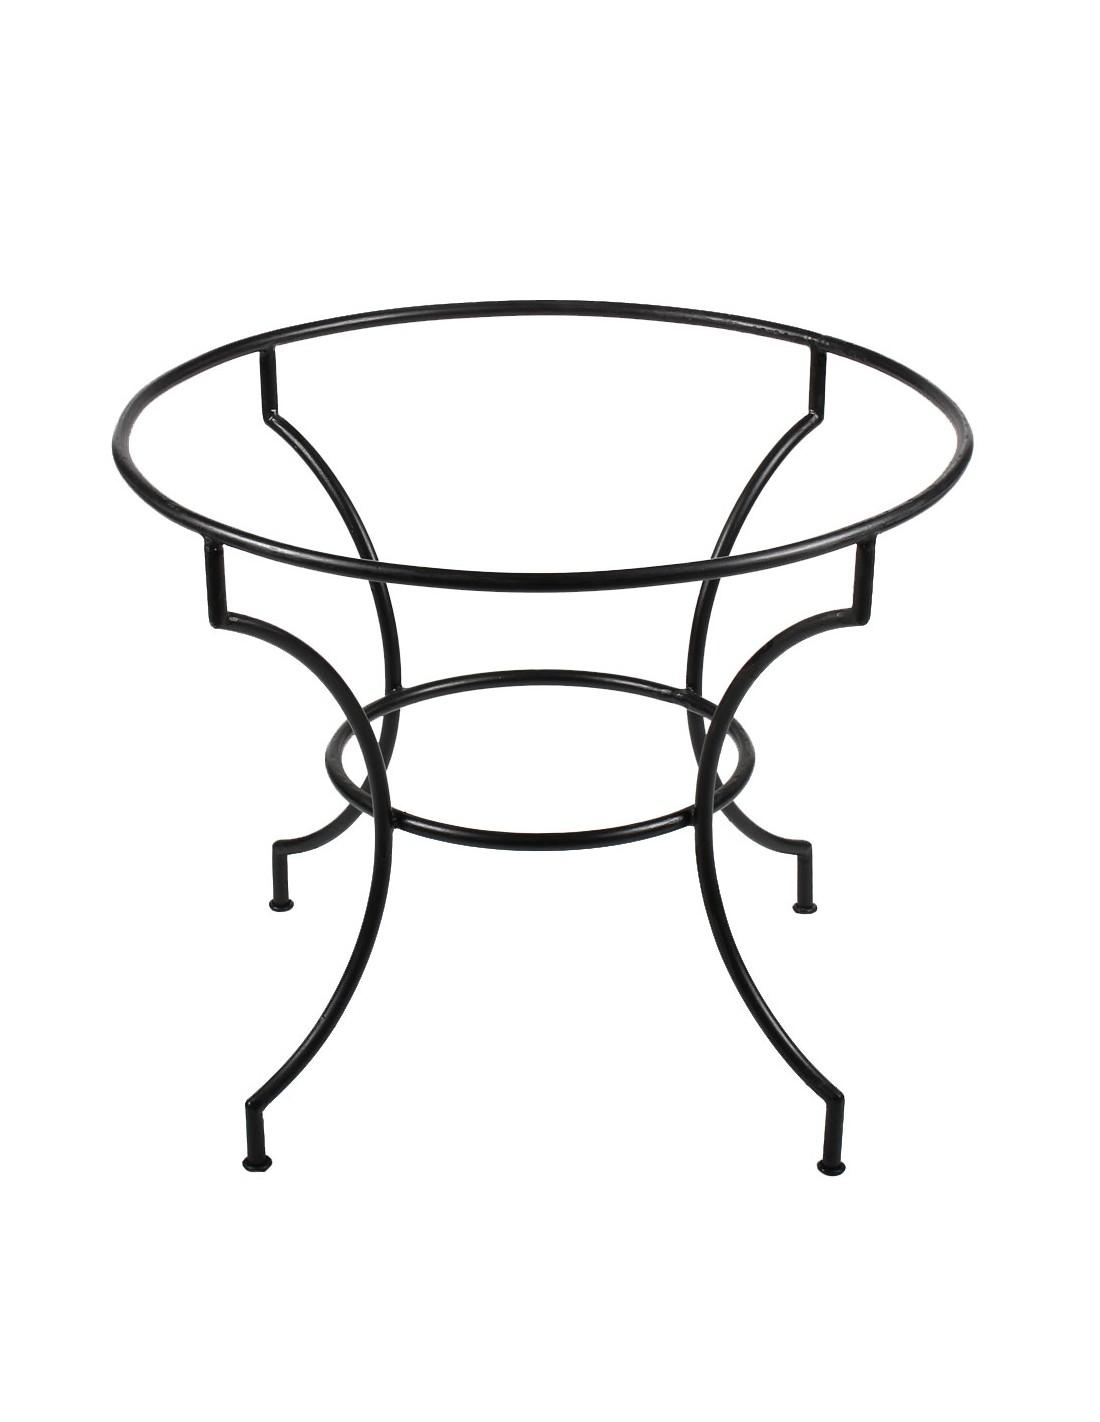 Tischgestell schmiedeeisen 90cm rund marokko galerie for Gartendeko schmiedeeisen